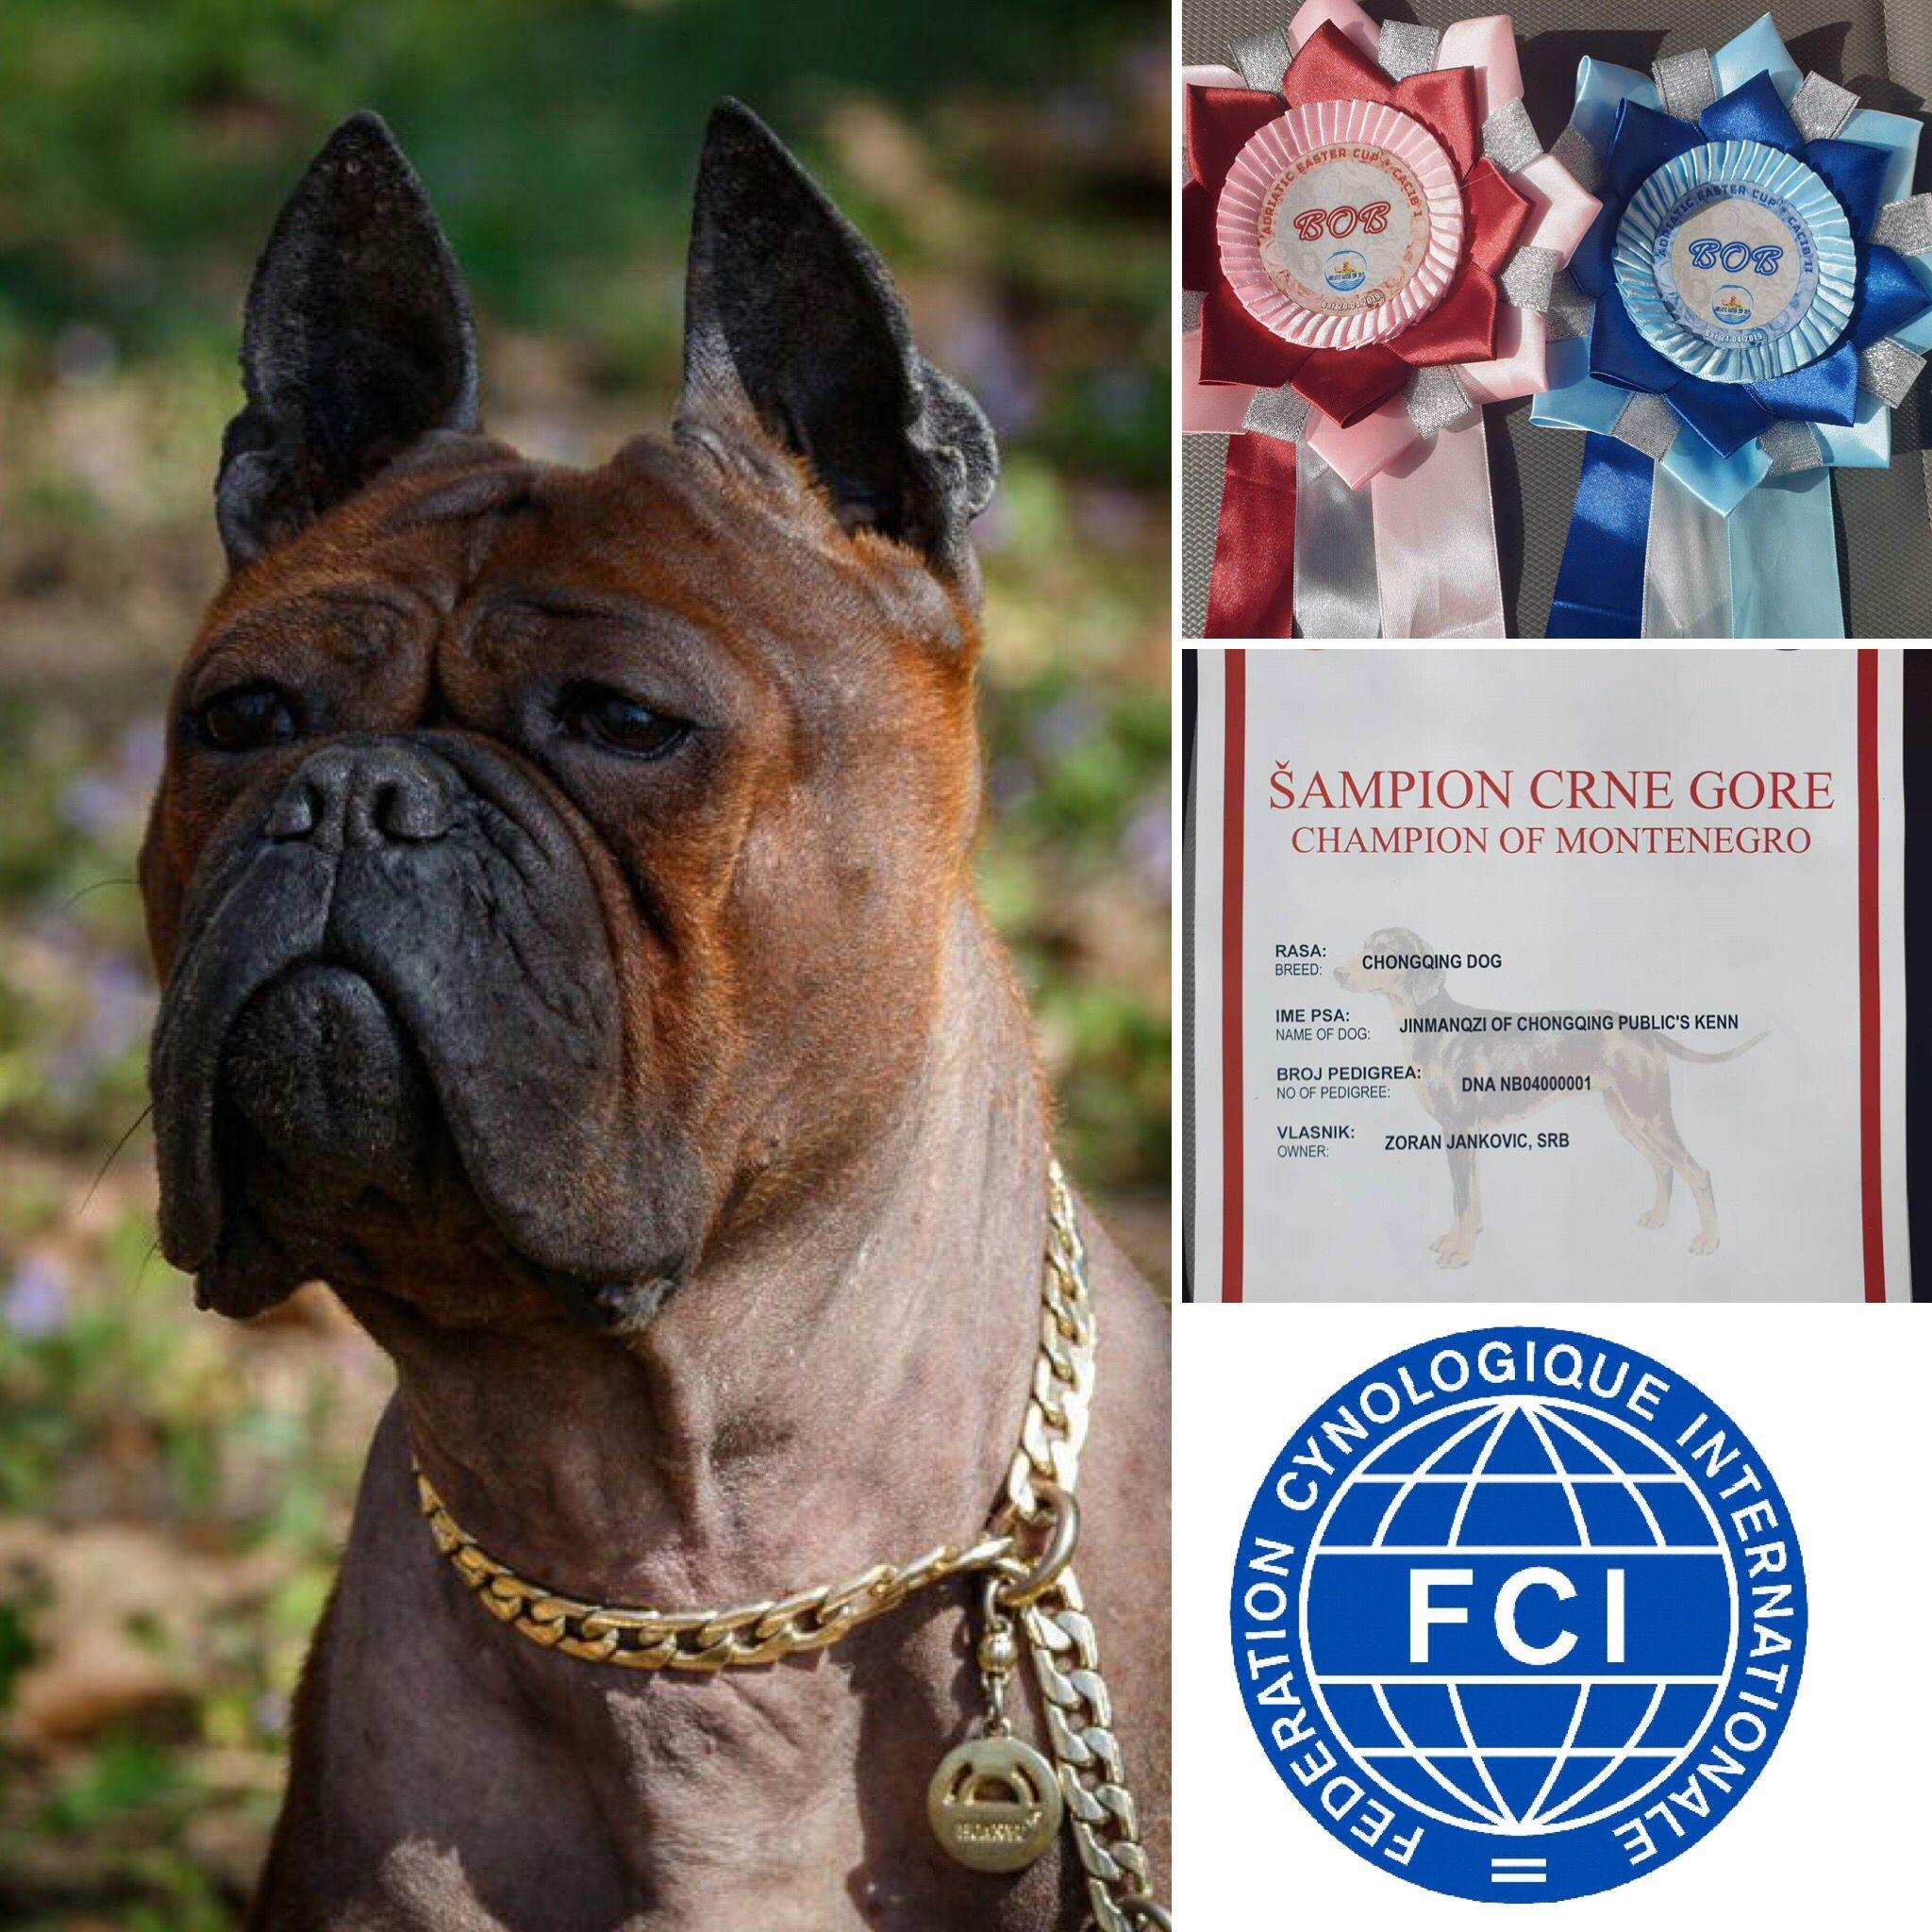 Mangzi Fci Champion Of Montenegro